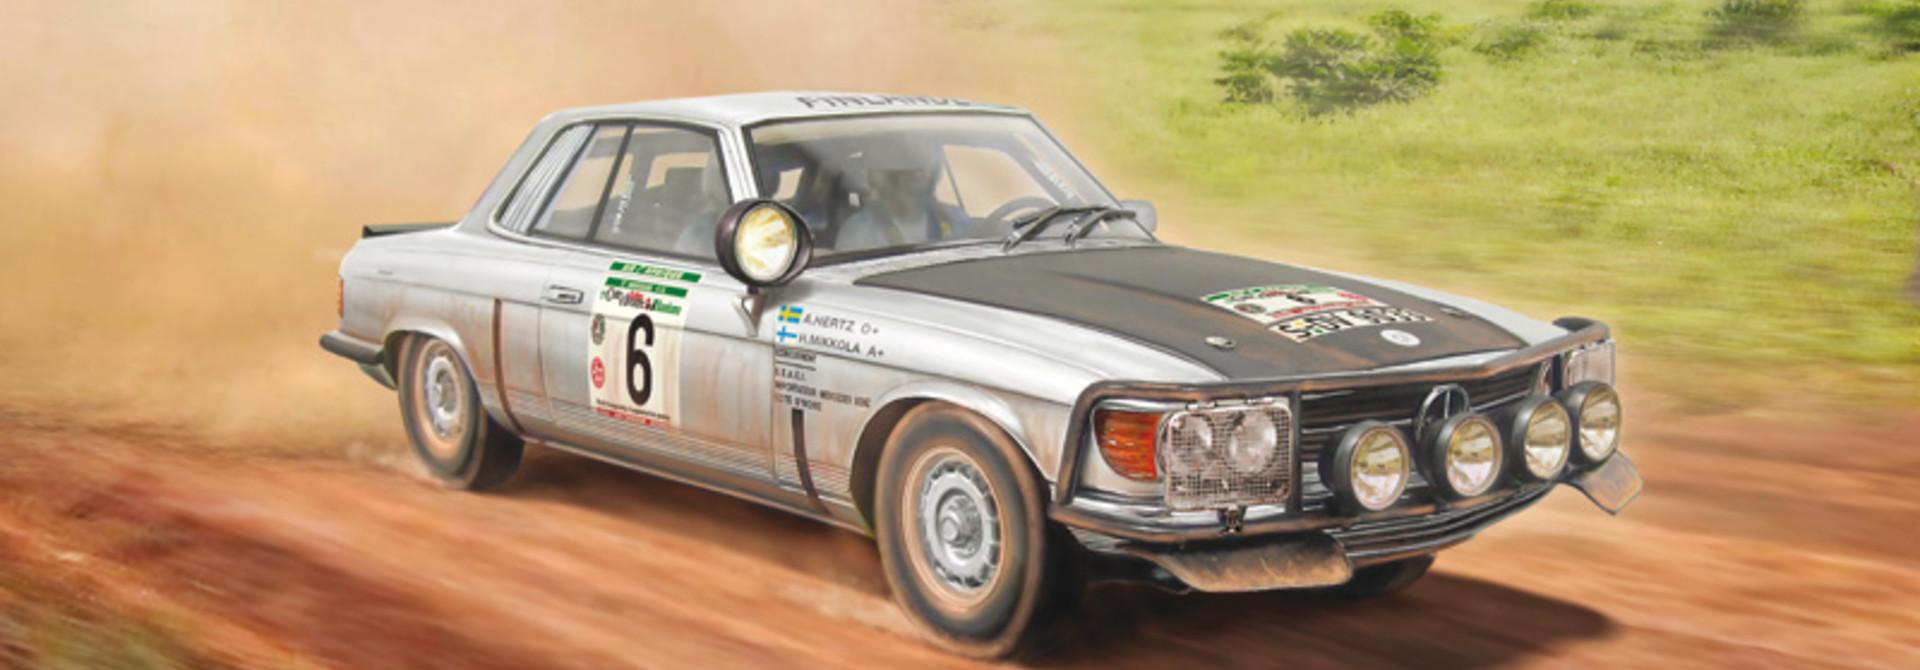 1:24 Mercedes-Benz 450SLC Rallye Bandama 1979